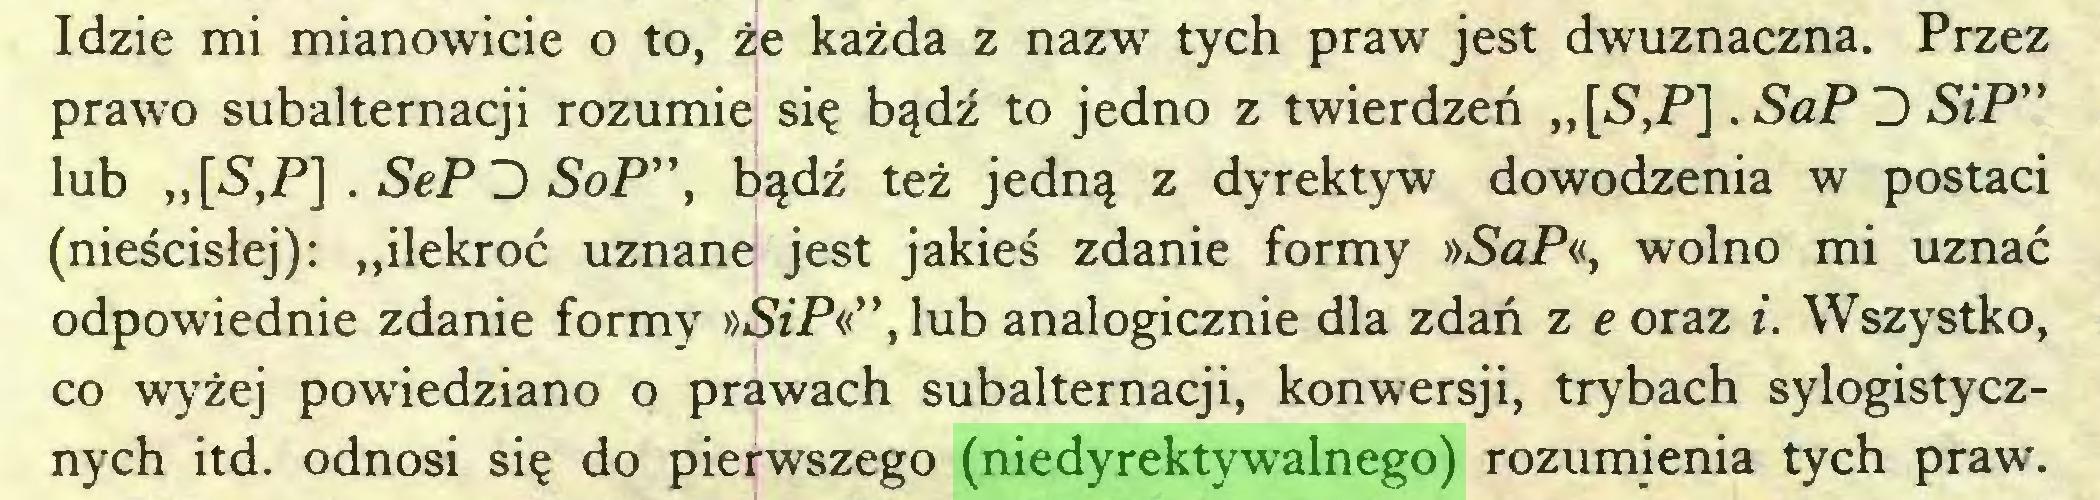 """(...) Idzie mi mianowicie o to, że każda z nazw tych praw jest dwuznaczna. Przez prawo subalternacji rozumie się bądź to jedno z twierdzeń ,,[<SVP]. SaP D SiP"""" lub ,,[S,P] . SeP D SoP"""", bądź też jedną z dyrektyw dowodzenia w postaci (nieścisłej): """"ilekroć uznane jest jakieś zdanie formy »SaP«, wolno mi uznać odpowiednie zdanie formy »SzP«"""", lub analogicznie dla zdań z eoraz i. Wszystko, co wyżej powiedziano o prawach subalternacji, konwersji, trybach sylogistycznych itd. odnosi się do pierwszego (niedyrektywalnego) rozumienia tych praw..."""